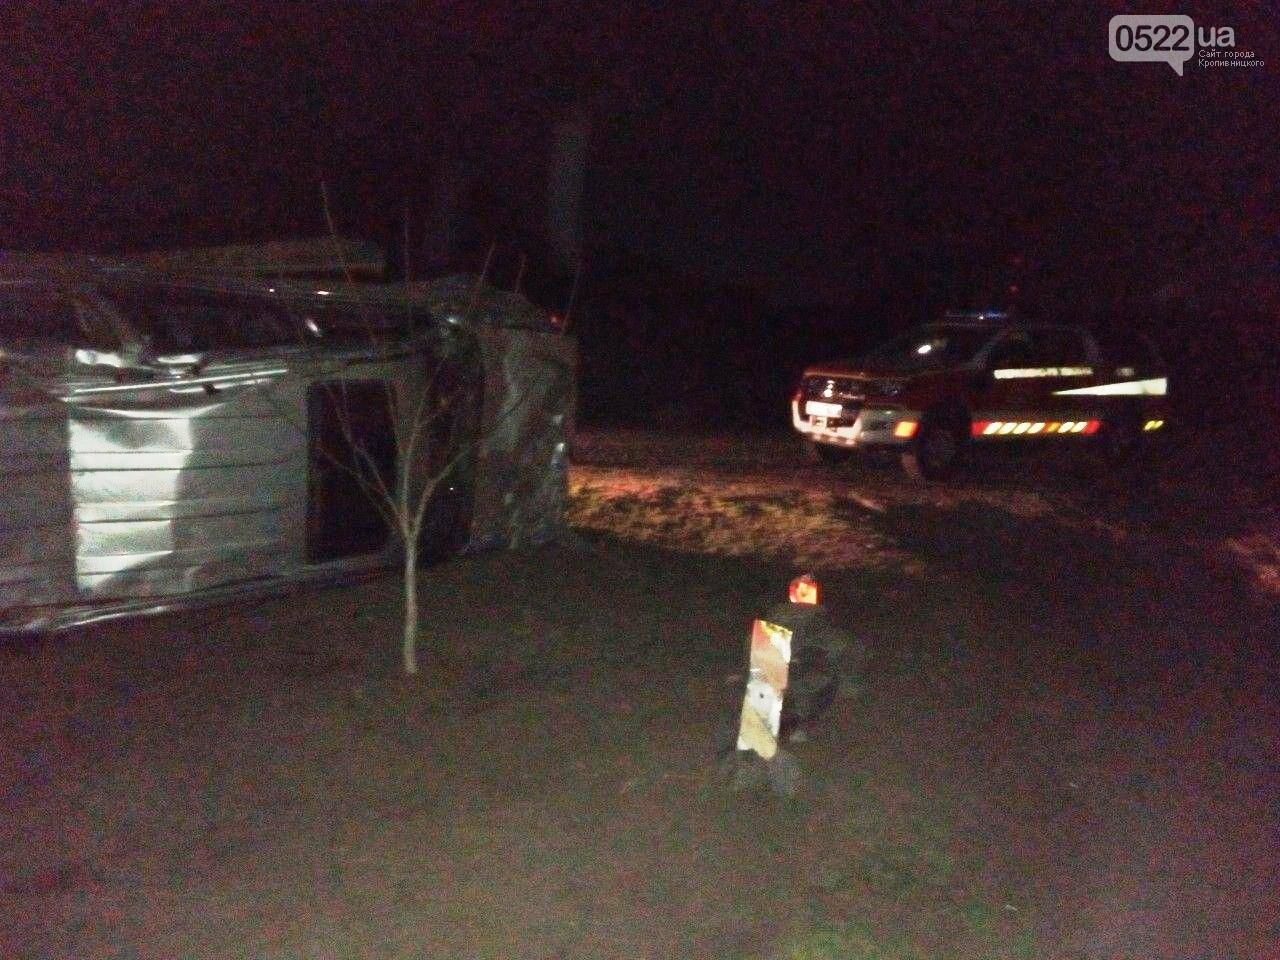 ДТП на Кіровоградщині: Автомобіль в'їхав у кам'яну огорожу та перевернувся на бік, фото-1